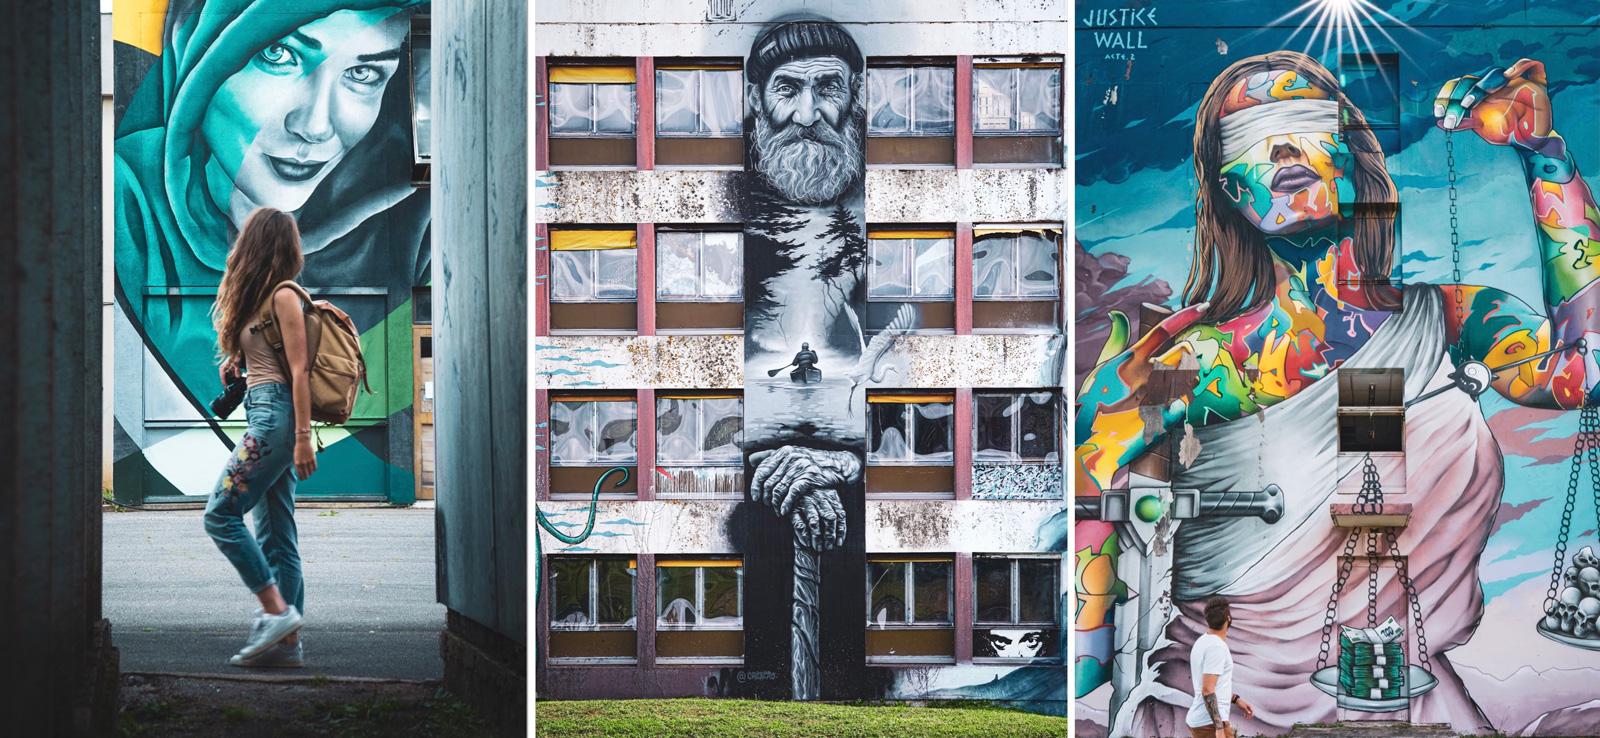 immanquables visite moulins street art city